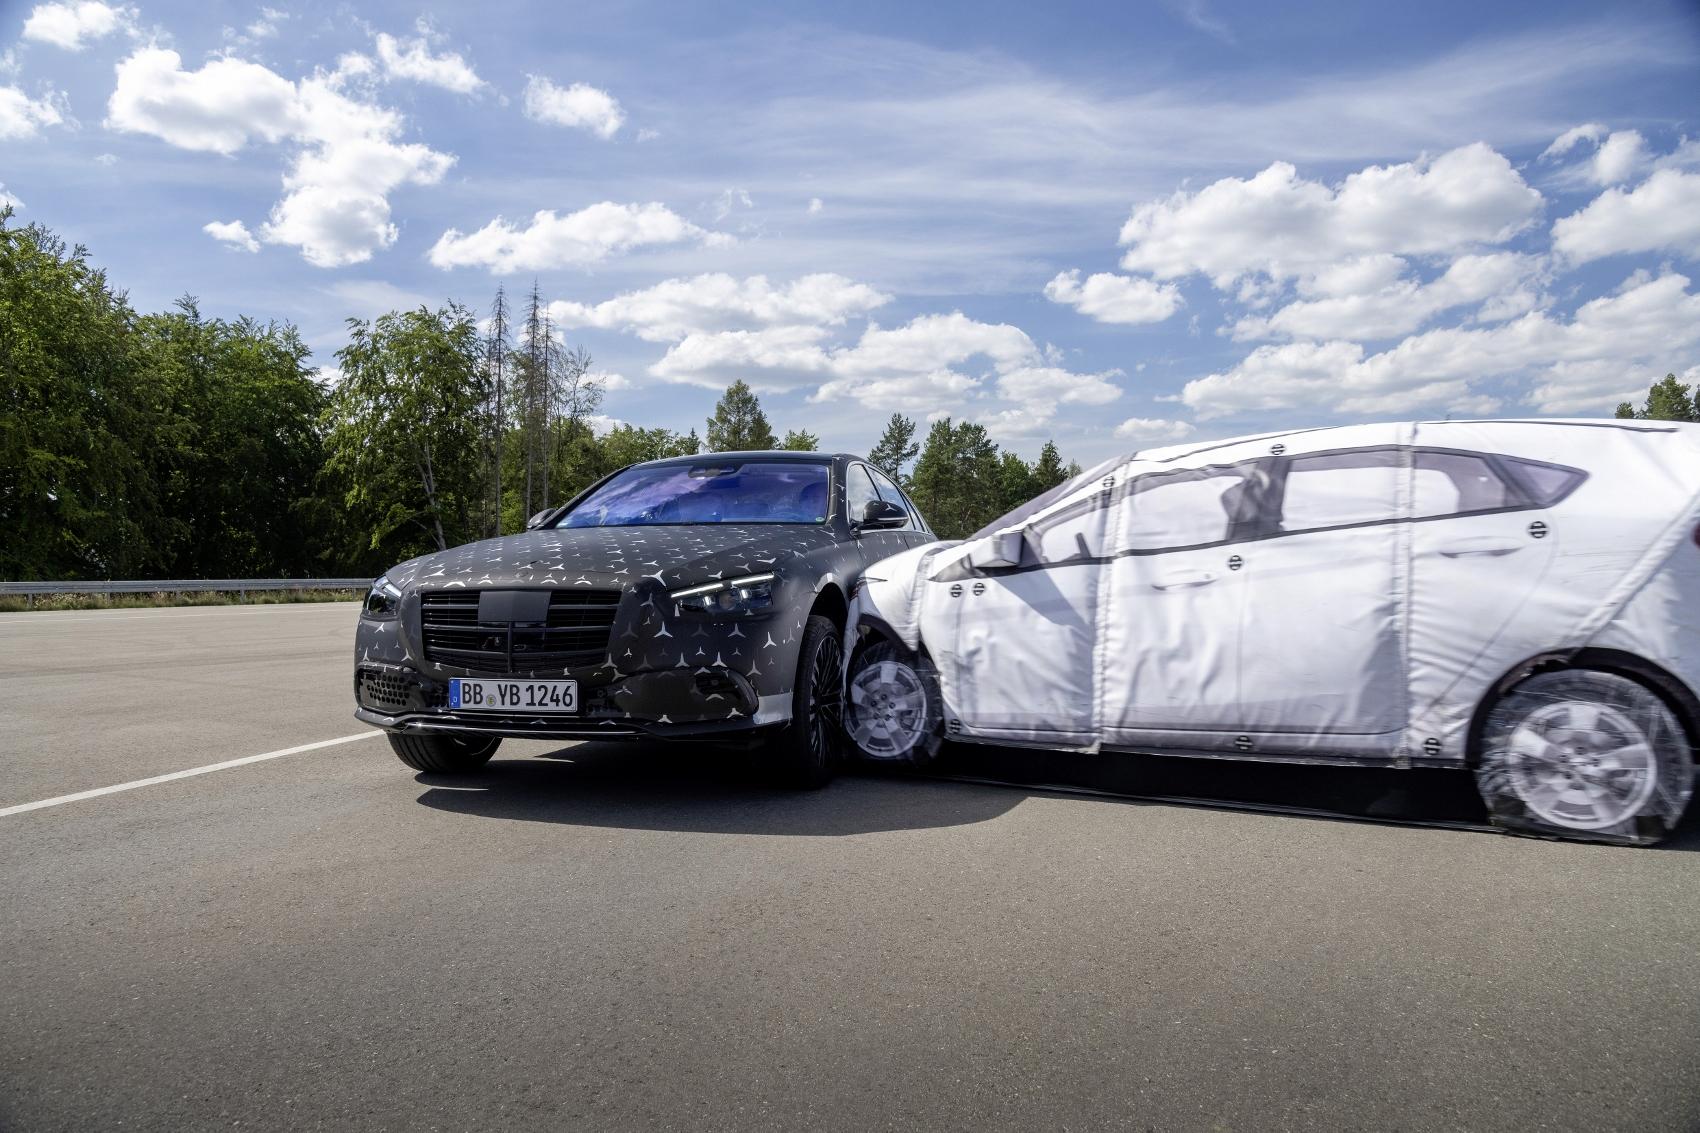 Nový Mercedes S je najpokročilejším Mercedesom v histórii J7b5WyGOXm 20c0377014-1700x1133